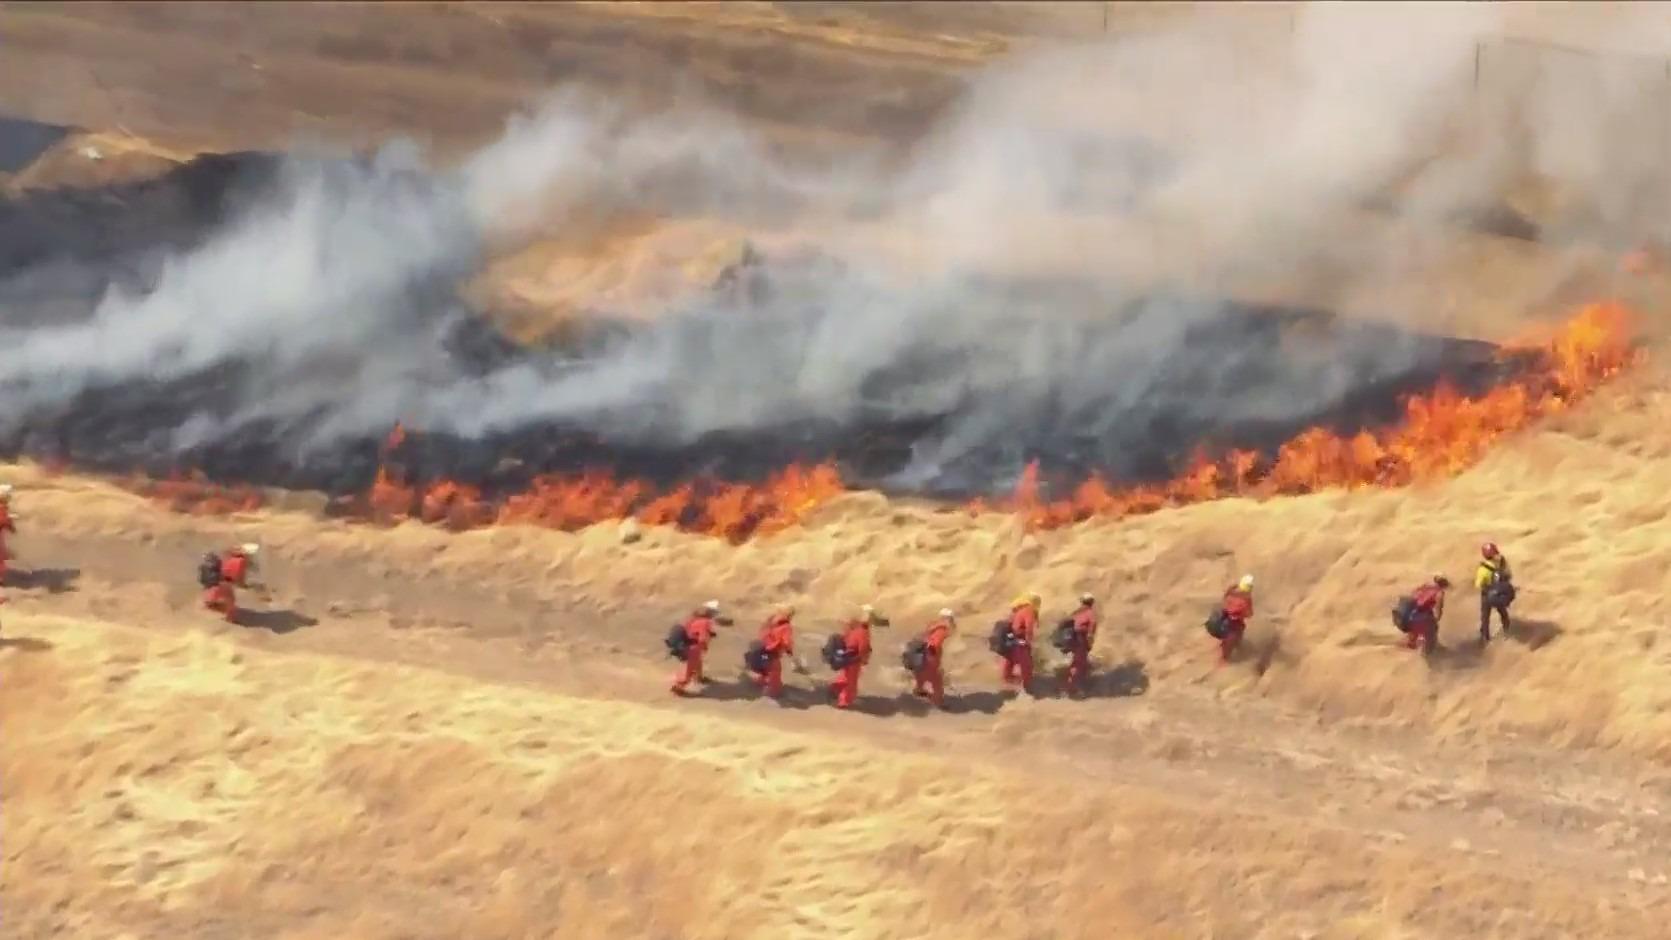 A brush fire burns in Lancaster on June 17, 2021. (KTLA)